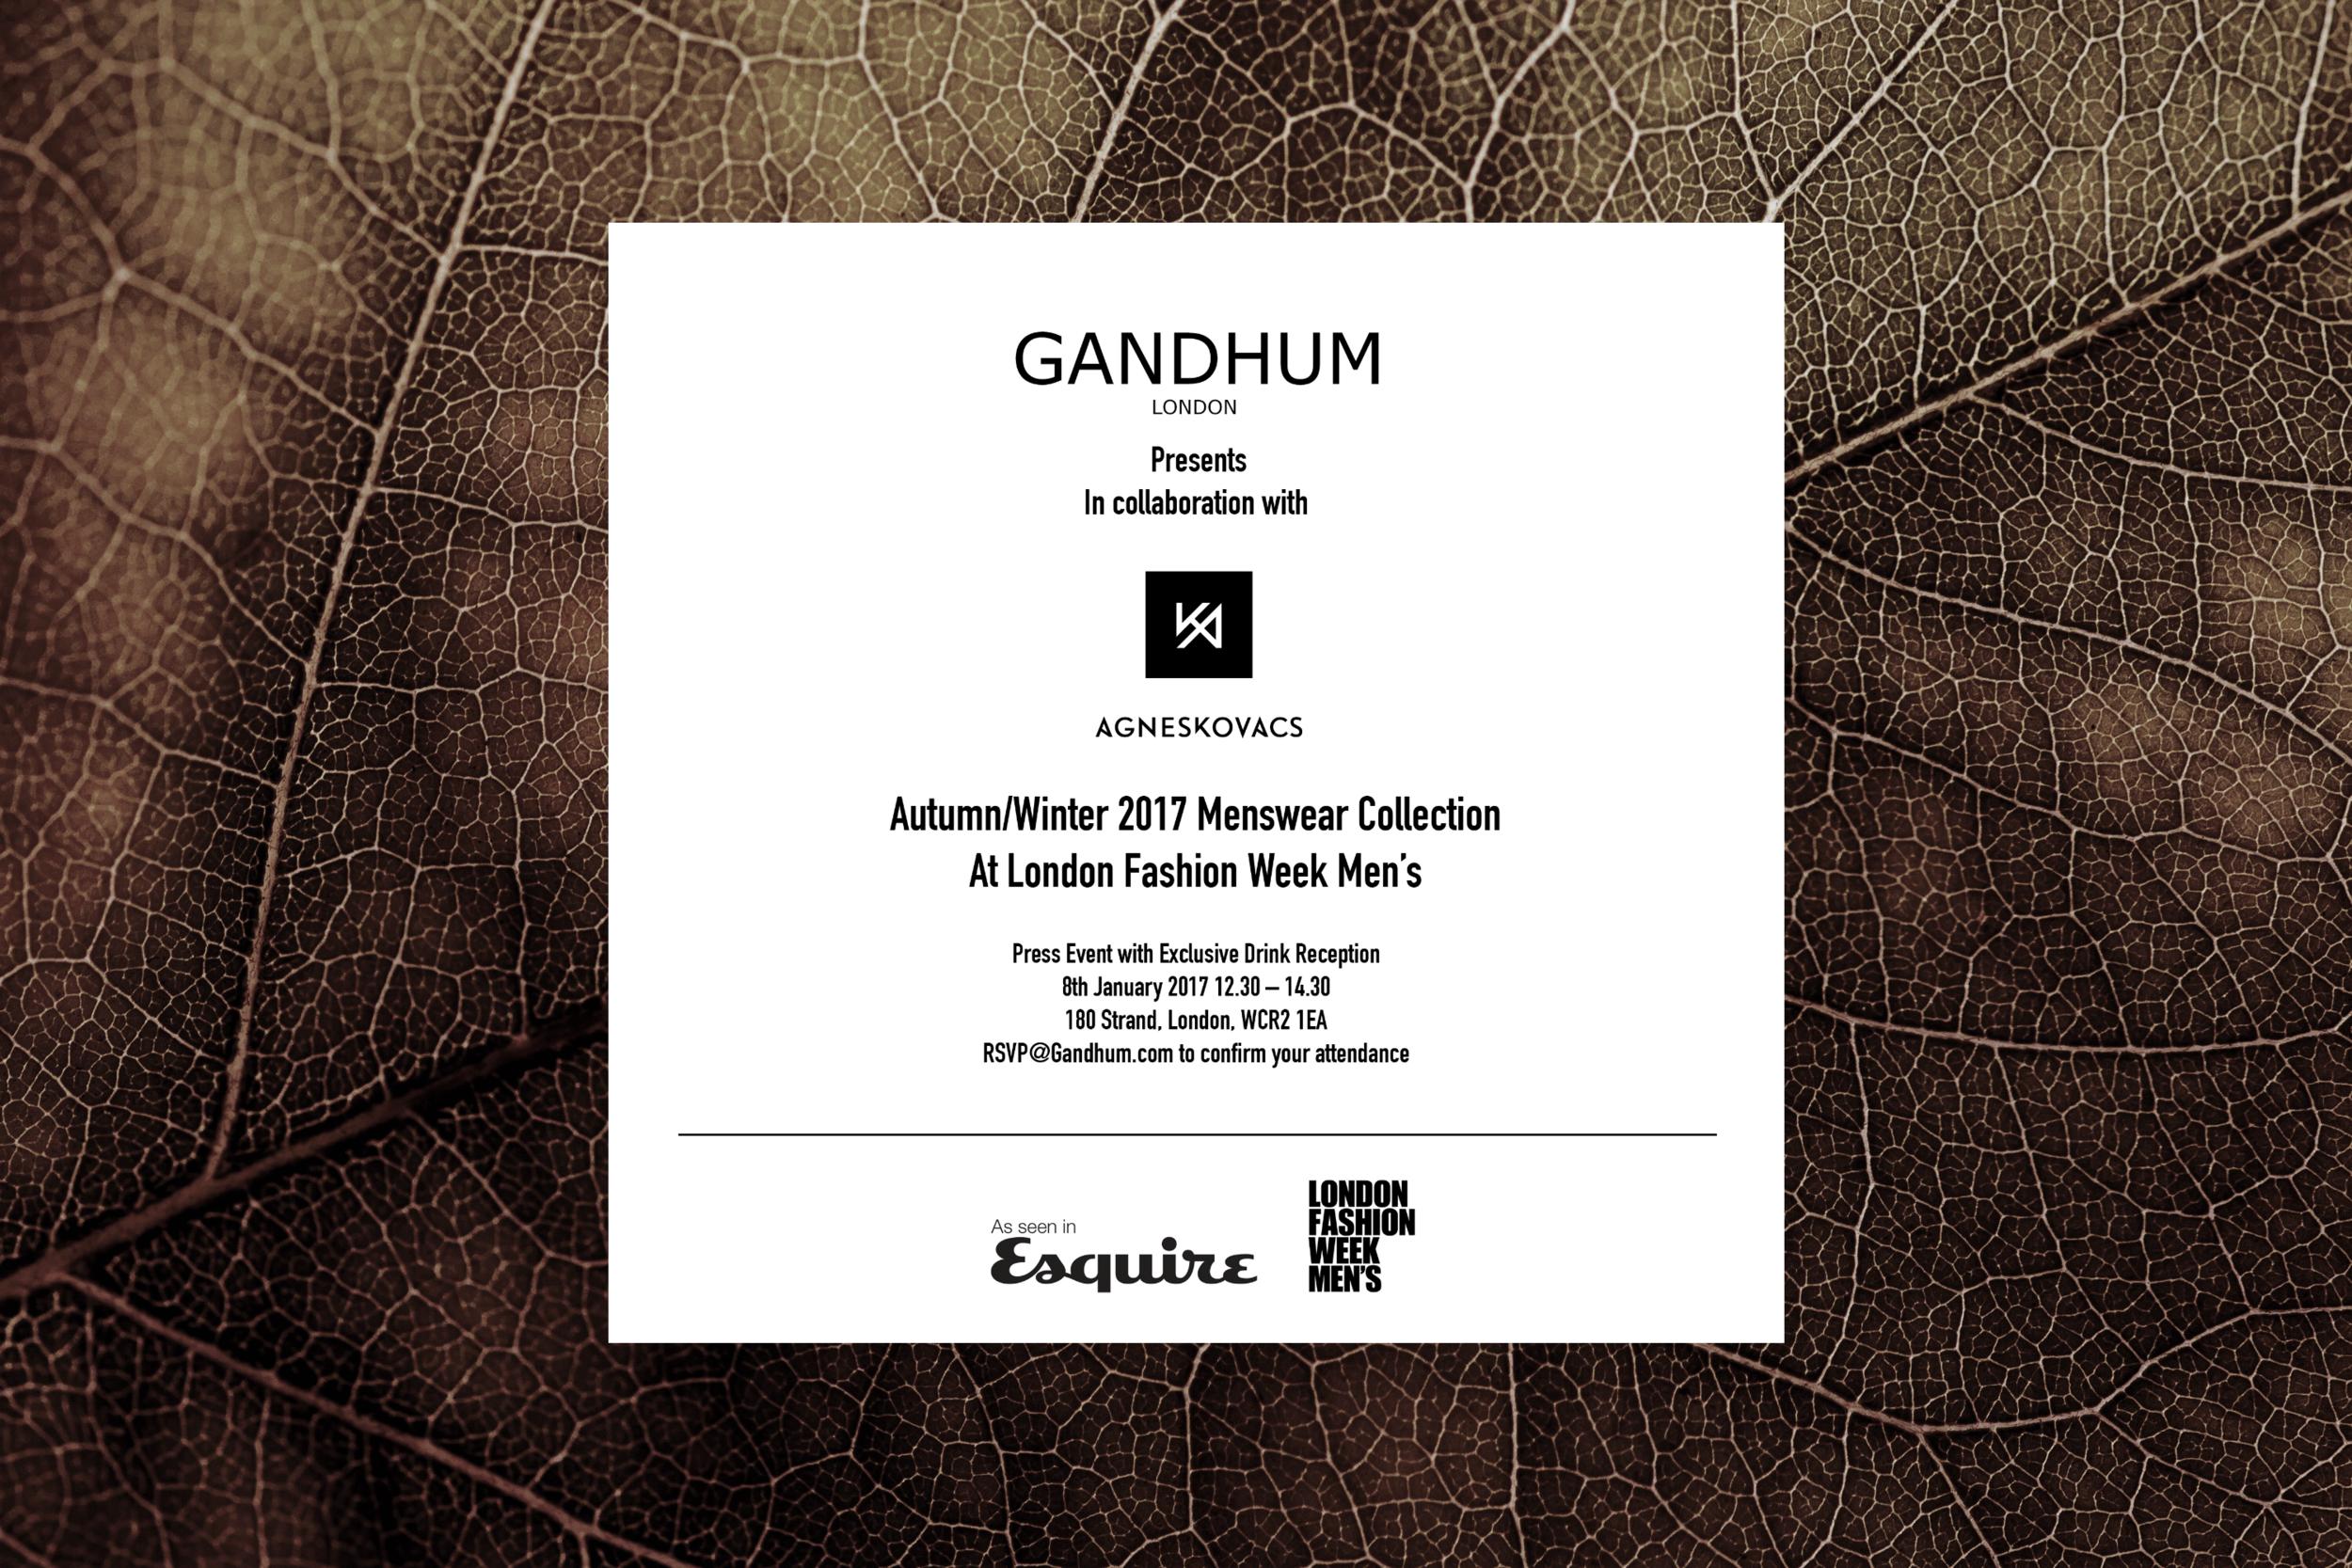 GANDHUM at London Fashion Week Men's - Designer Showrooms during 6th to 9th January 2017